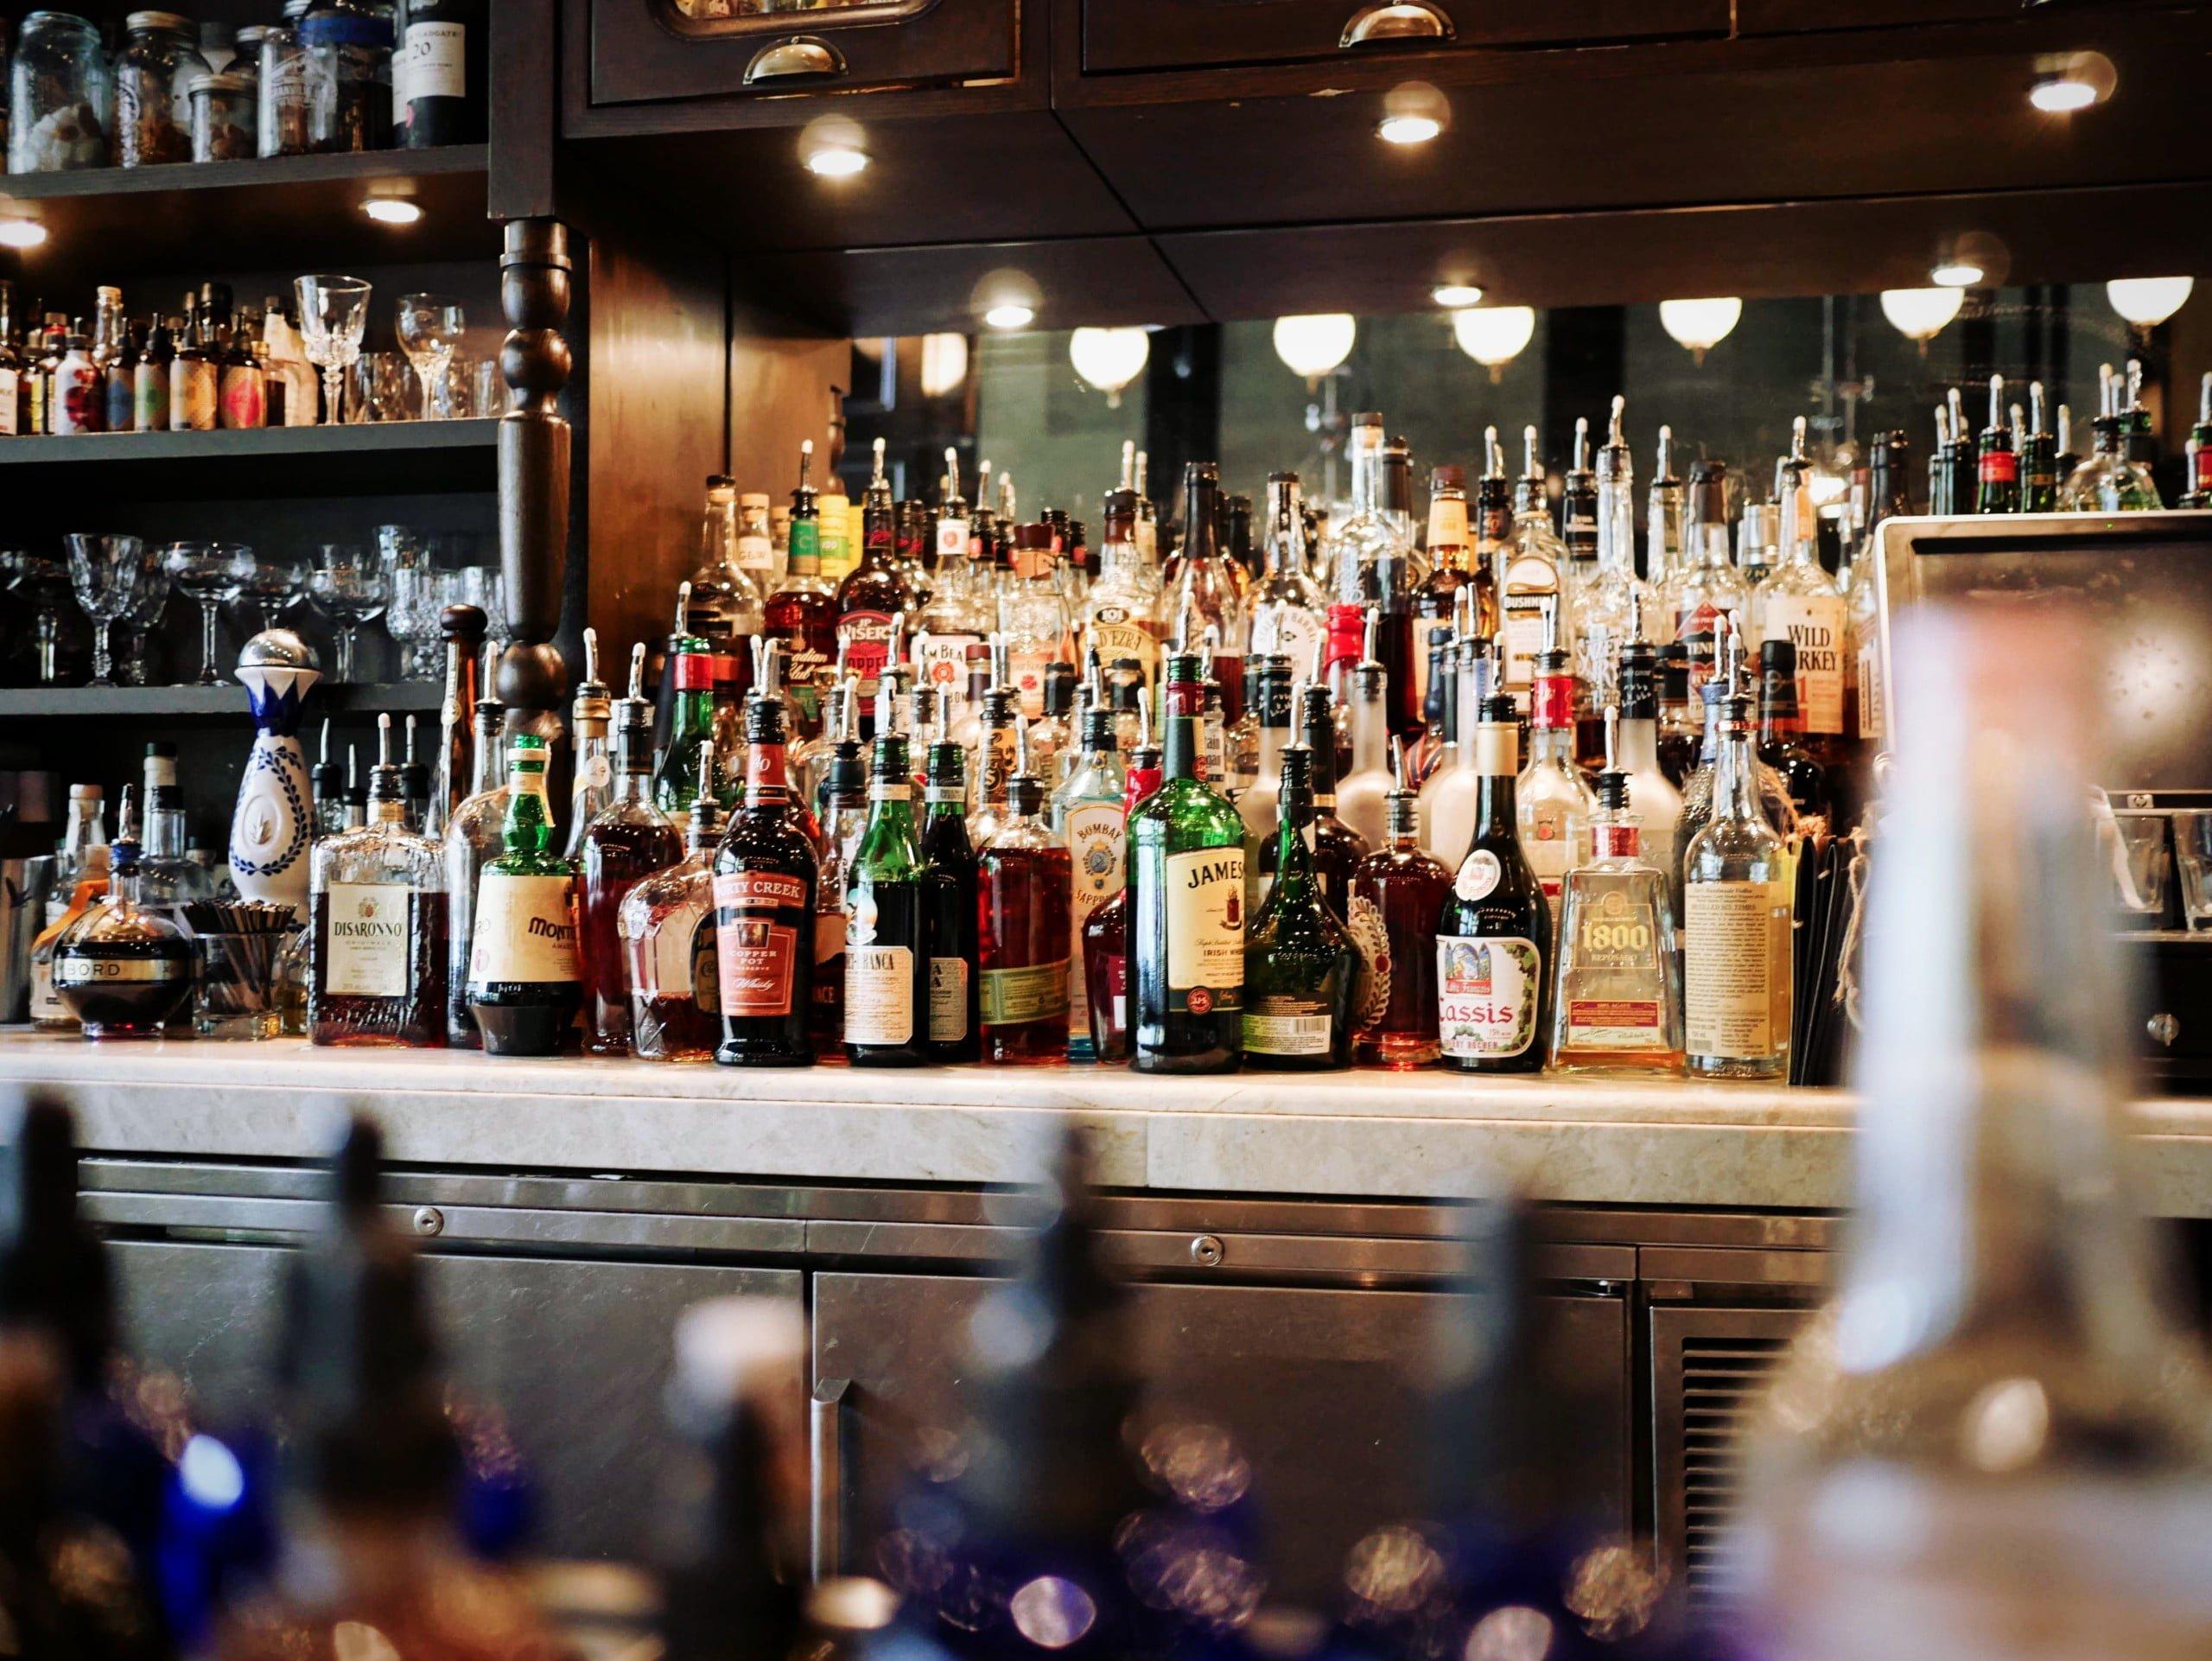 Busy bar shelf